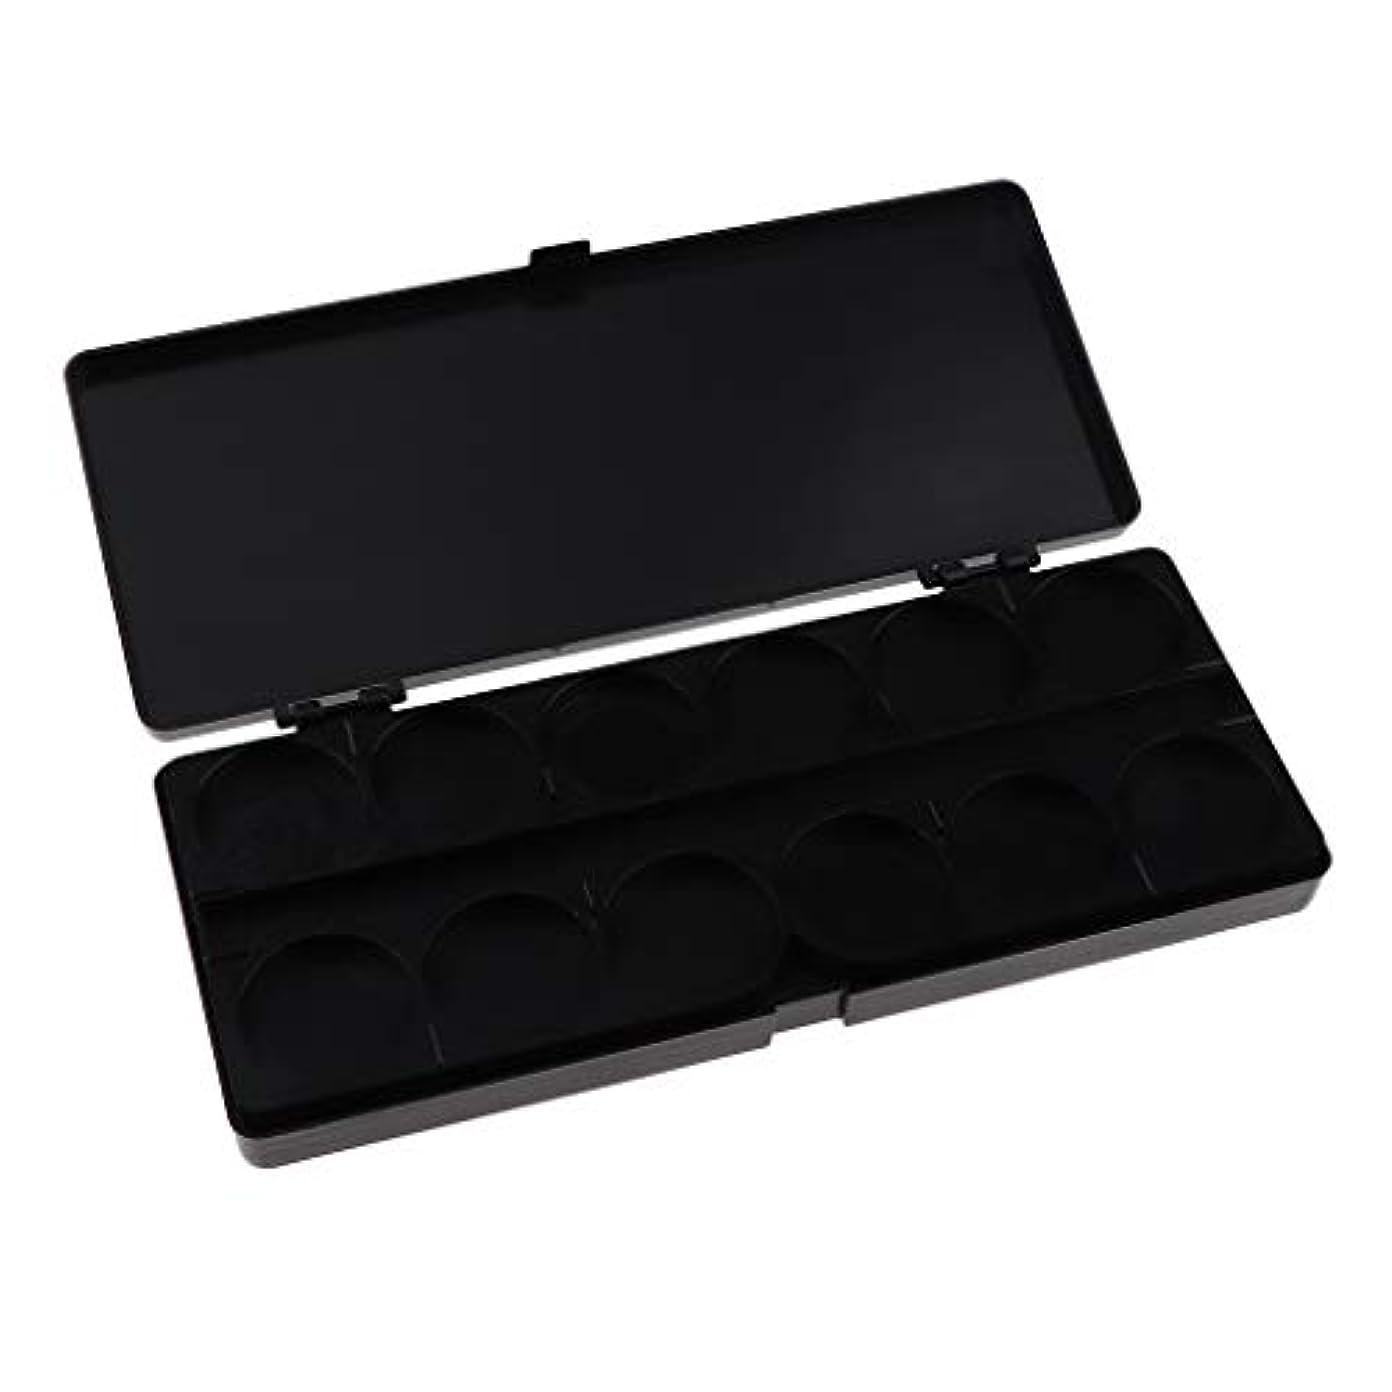 神聖クレジット差し引く顔料パレット ネイルアートペイントパレット プラスチック製 全3色 - ブラック